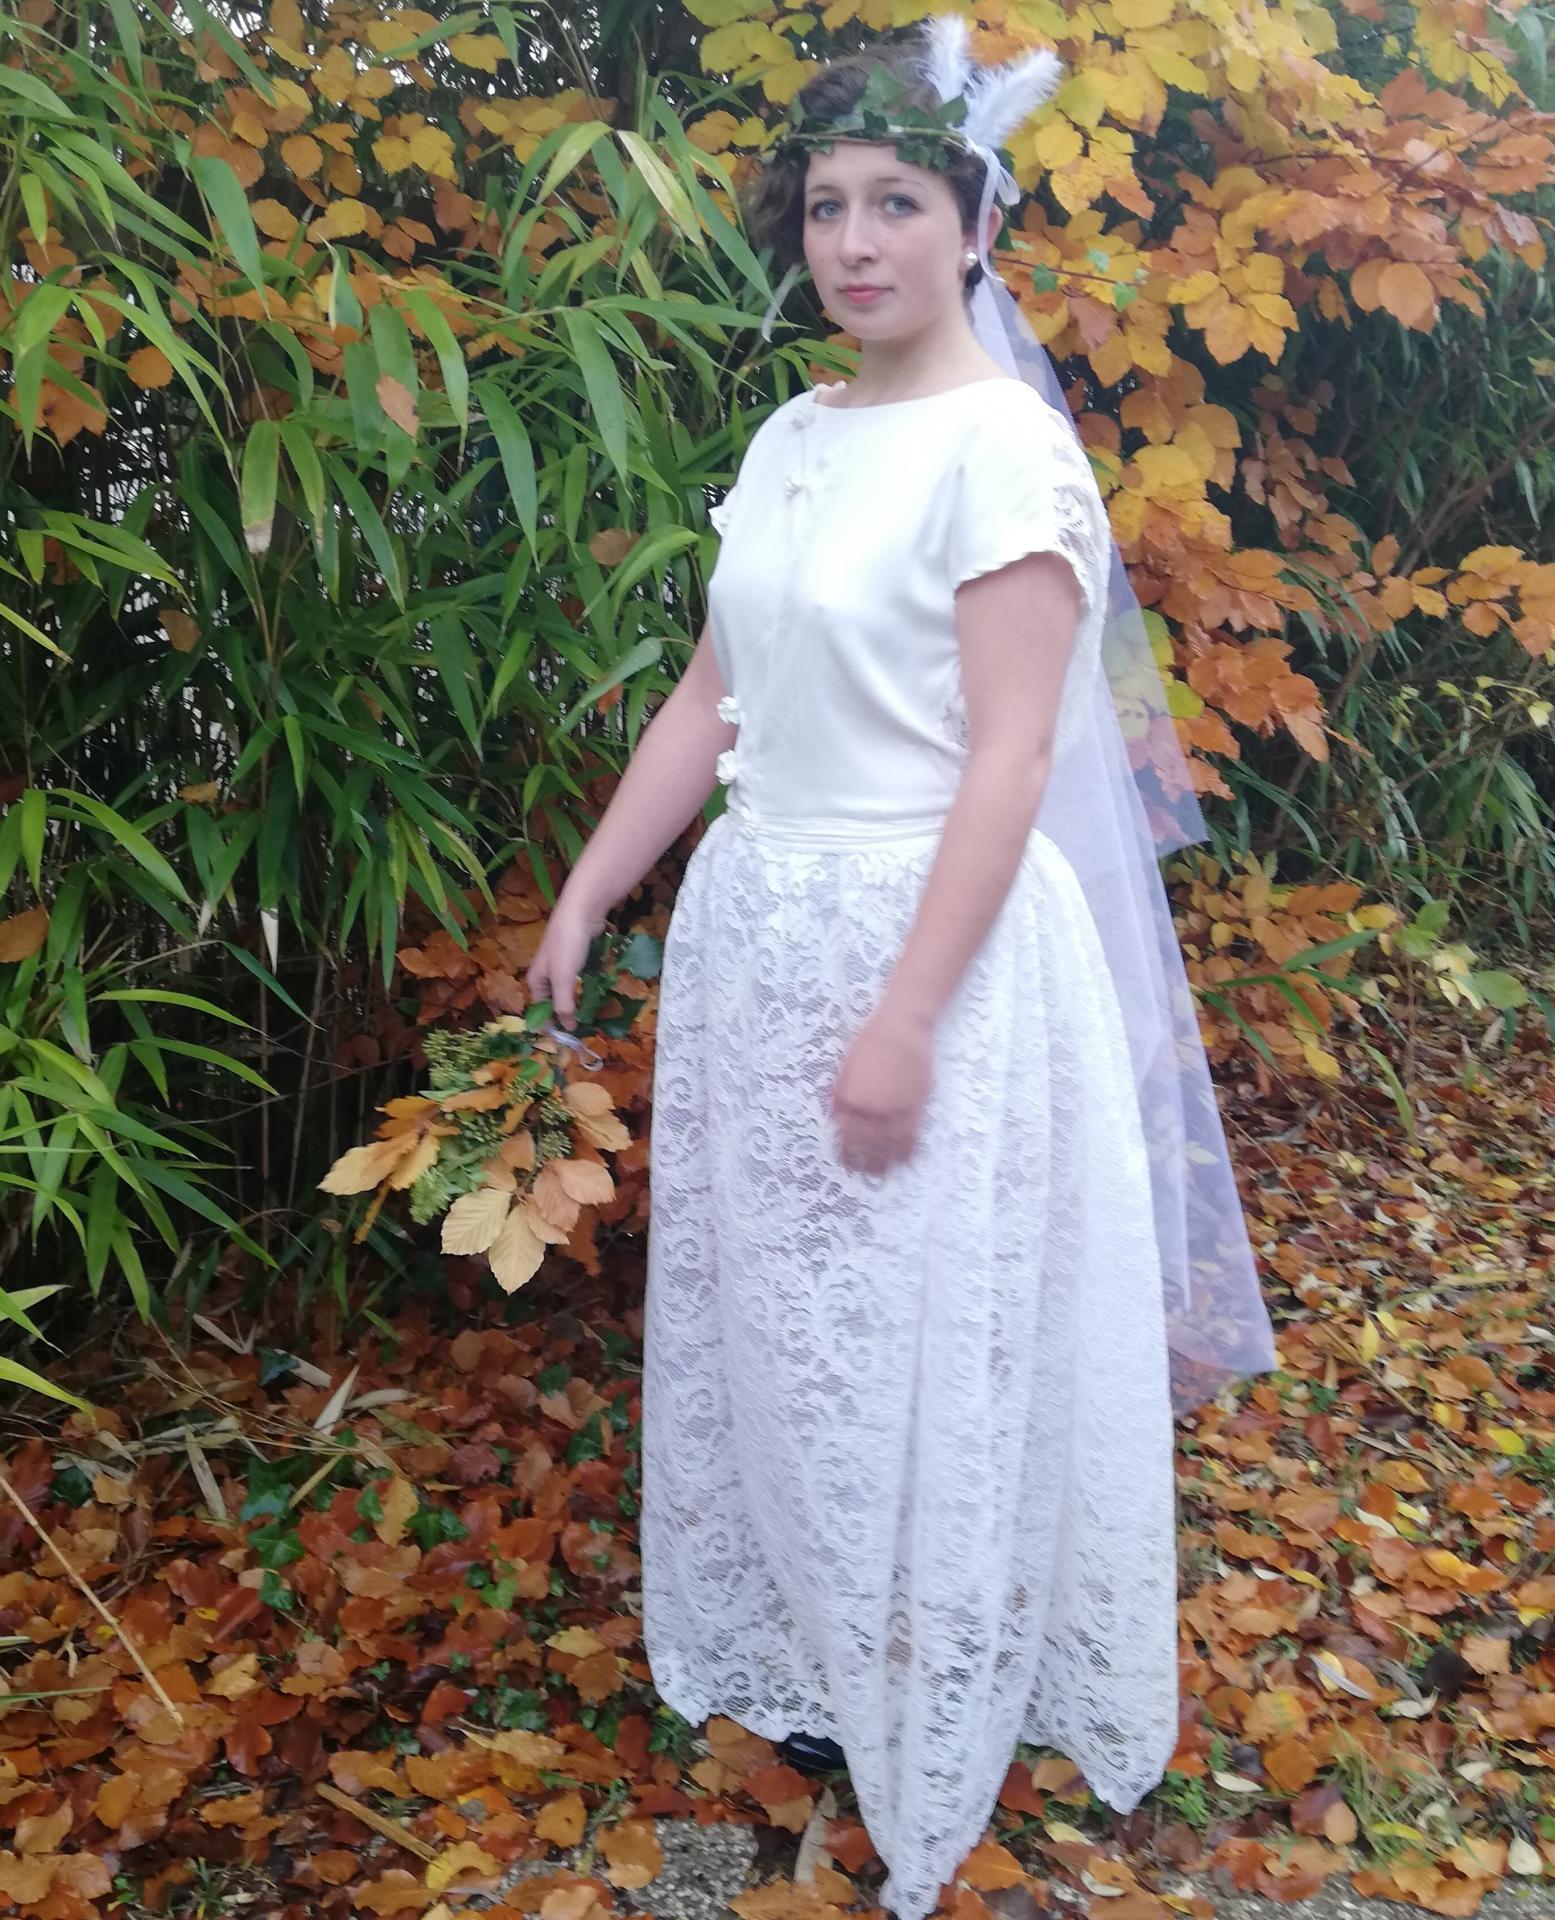 Robe de mariee reversible dentelle tulle et viscose rose faconnee a la main avec un coeur de nacre couronne fleurs et plumes fifi au jardin pose 9